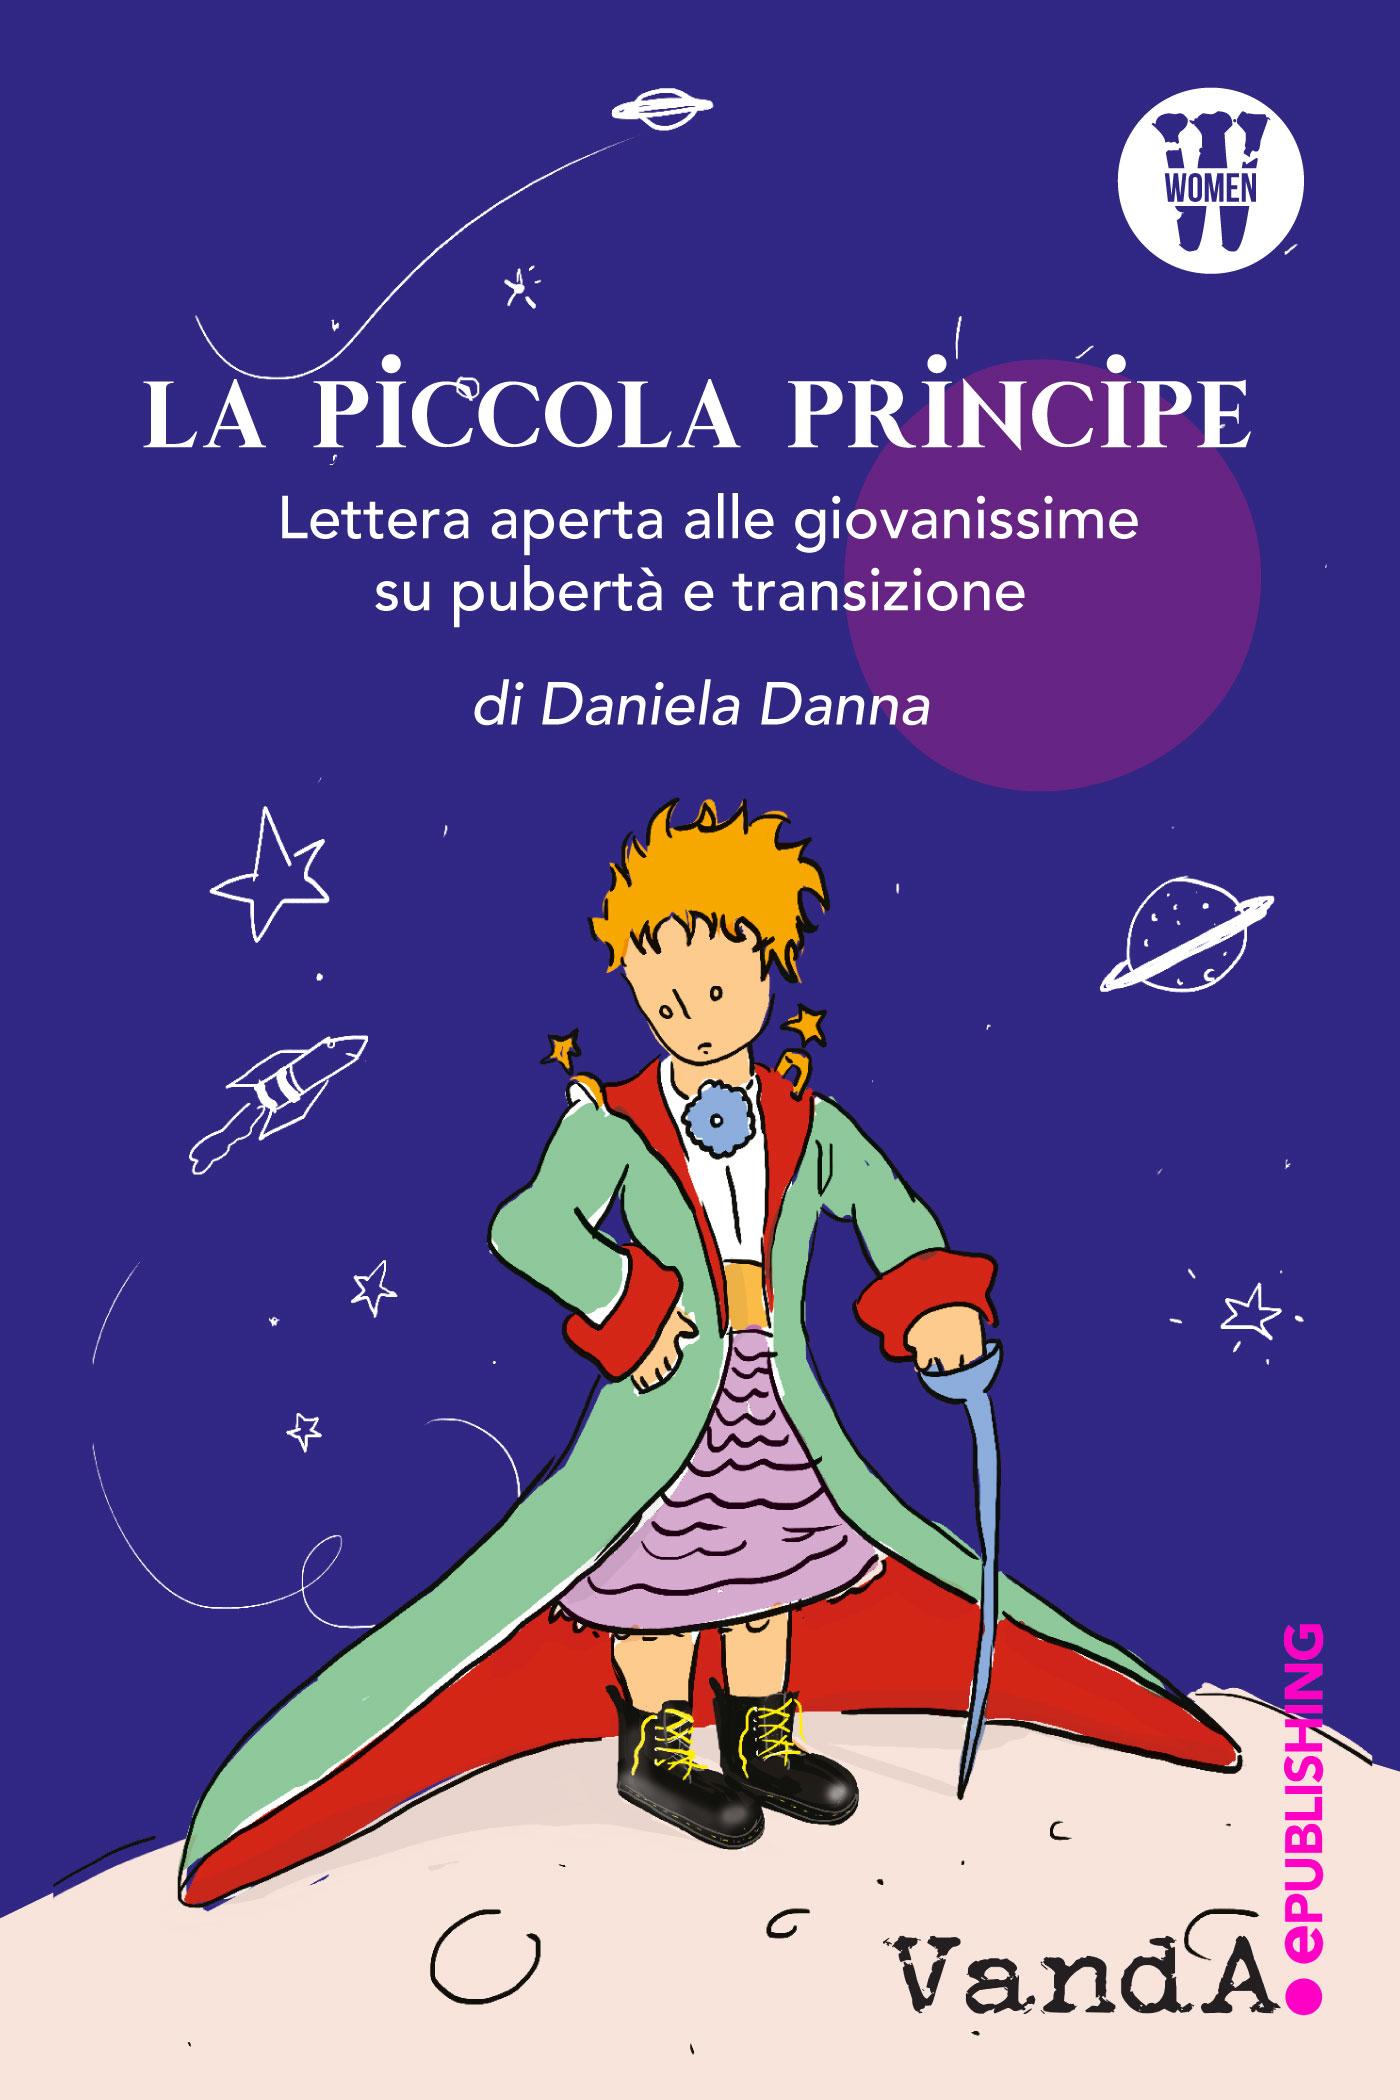 """""""La piccola principe"""" – Intervista a Daniela Danna su La Verità"""